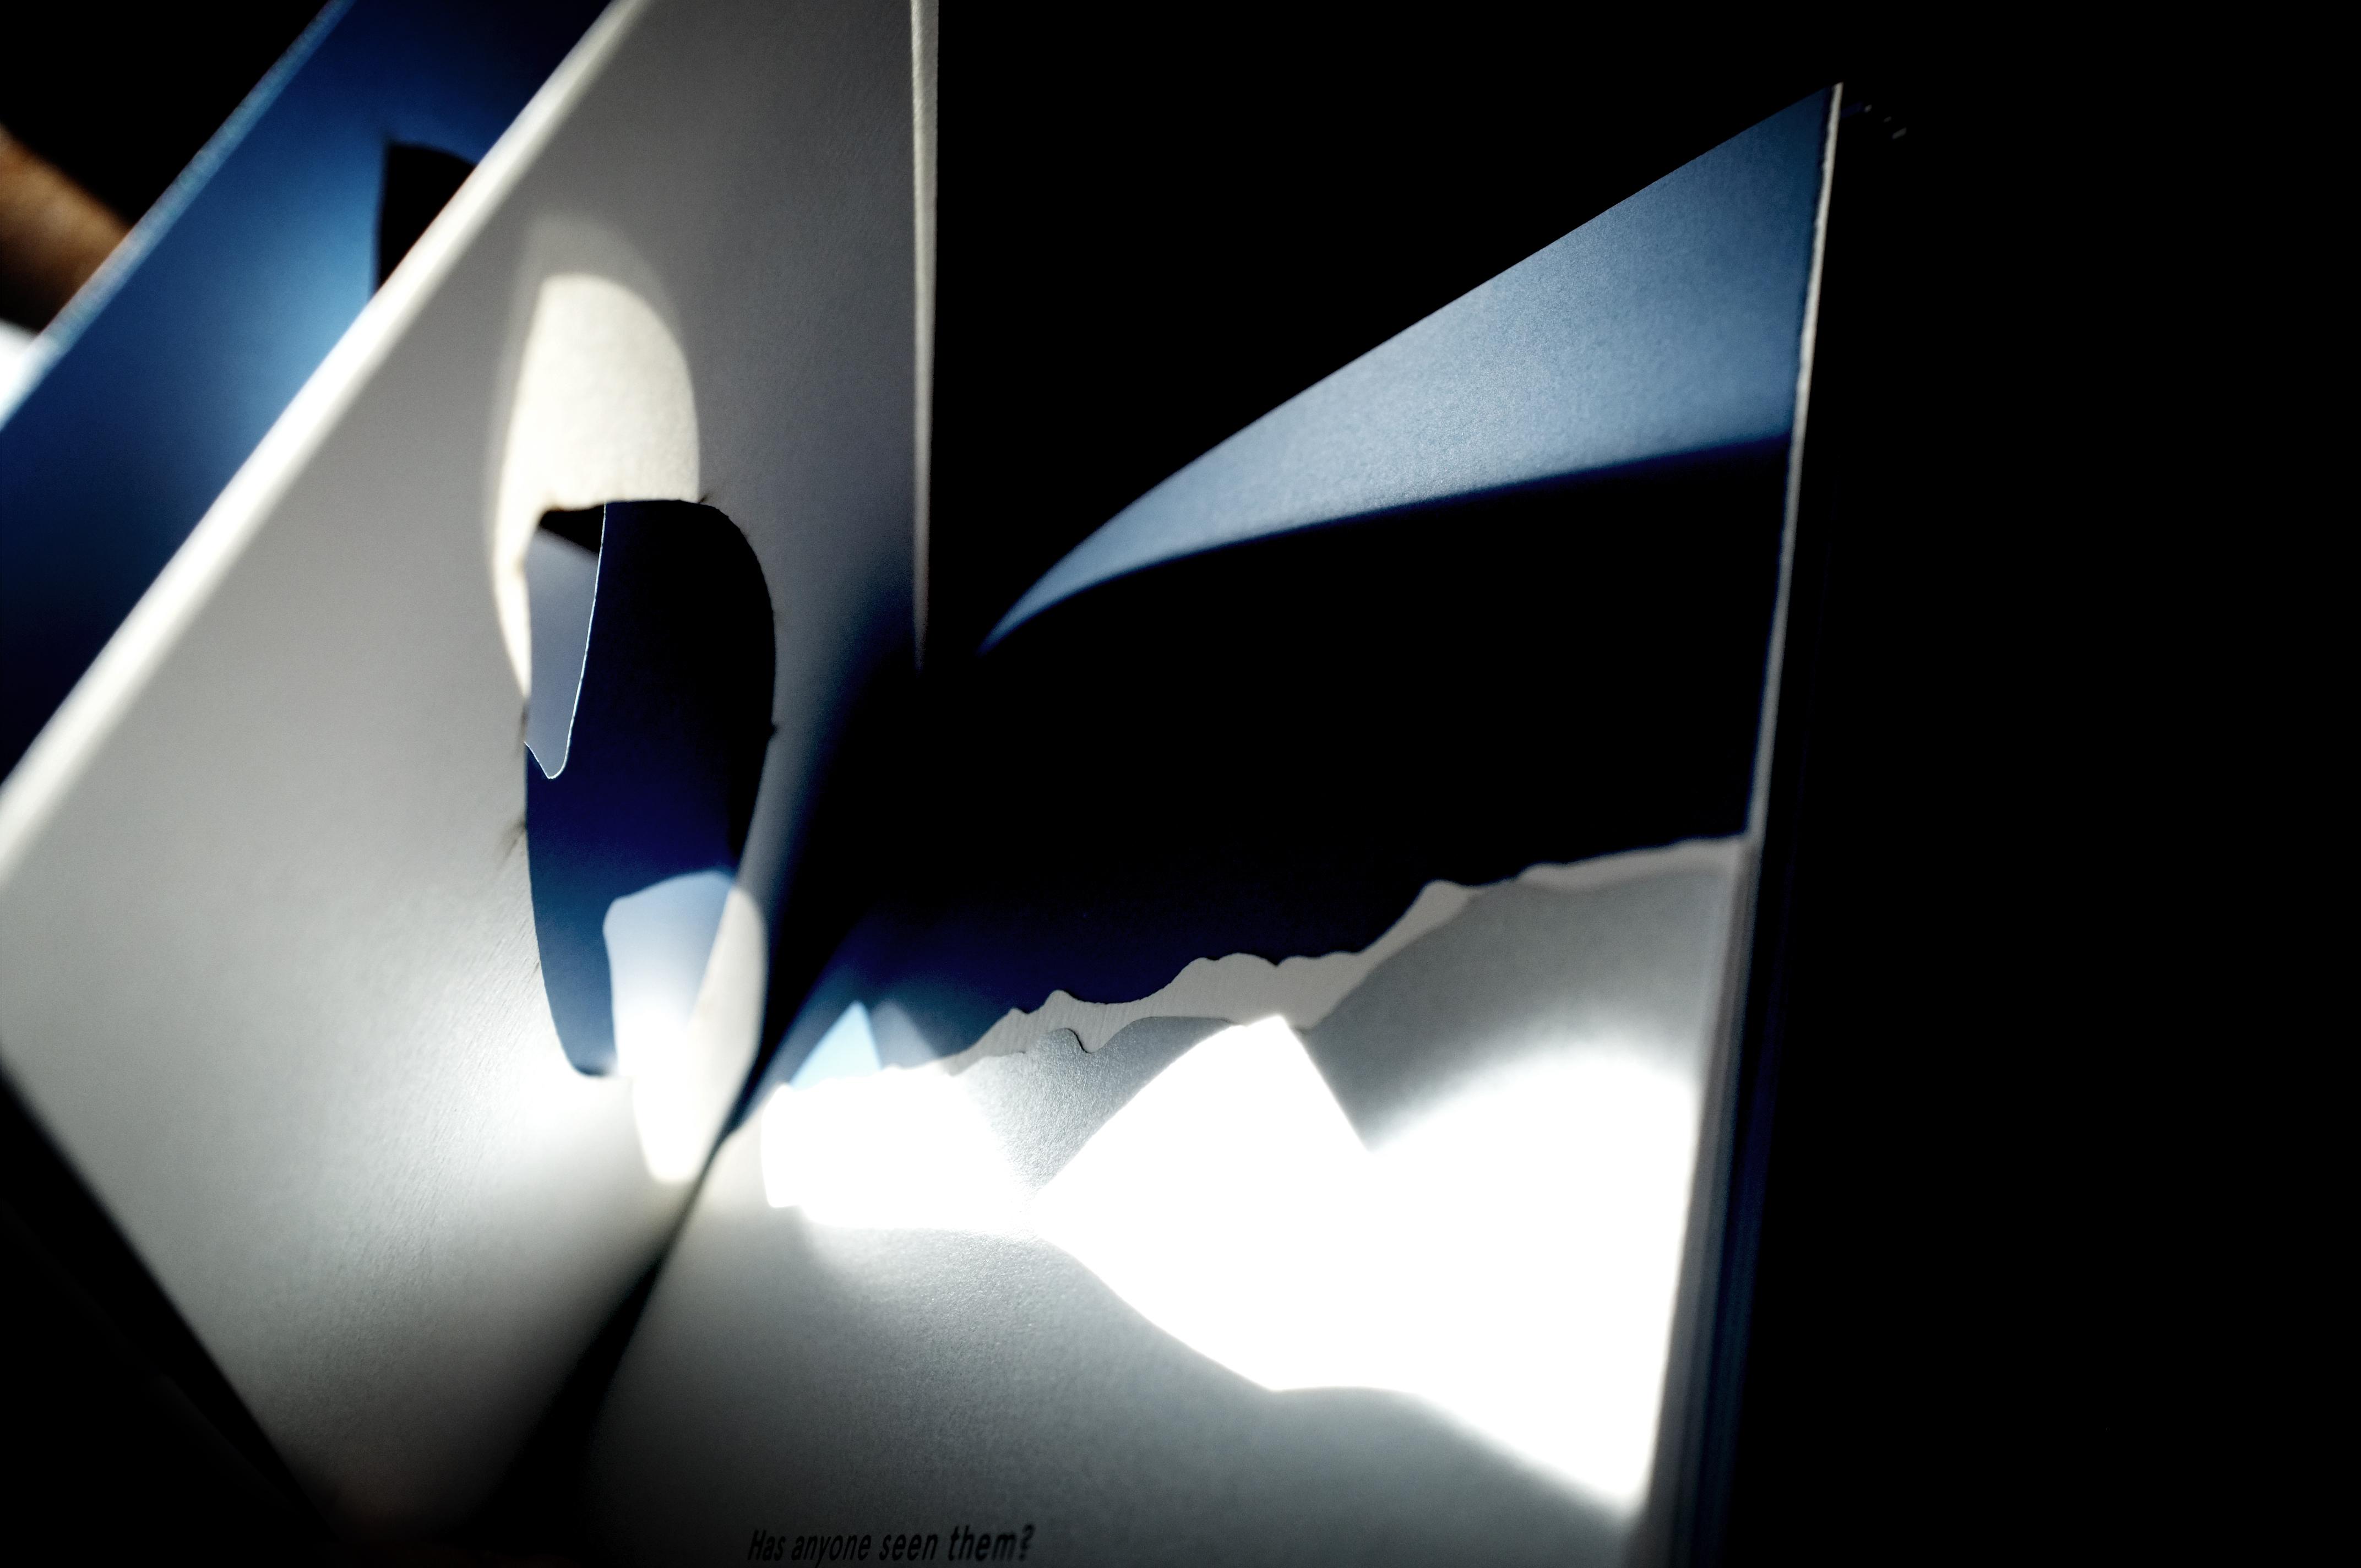 darknessbook-mrcup-06